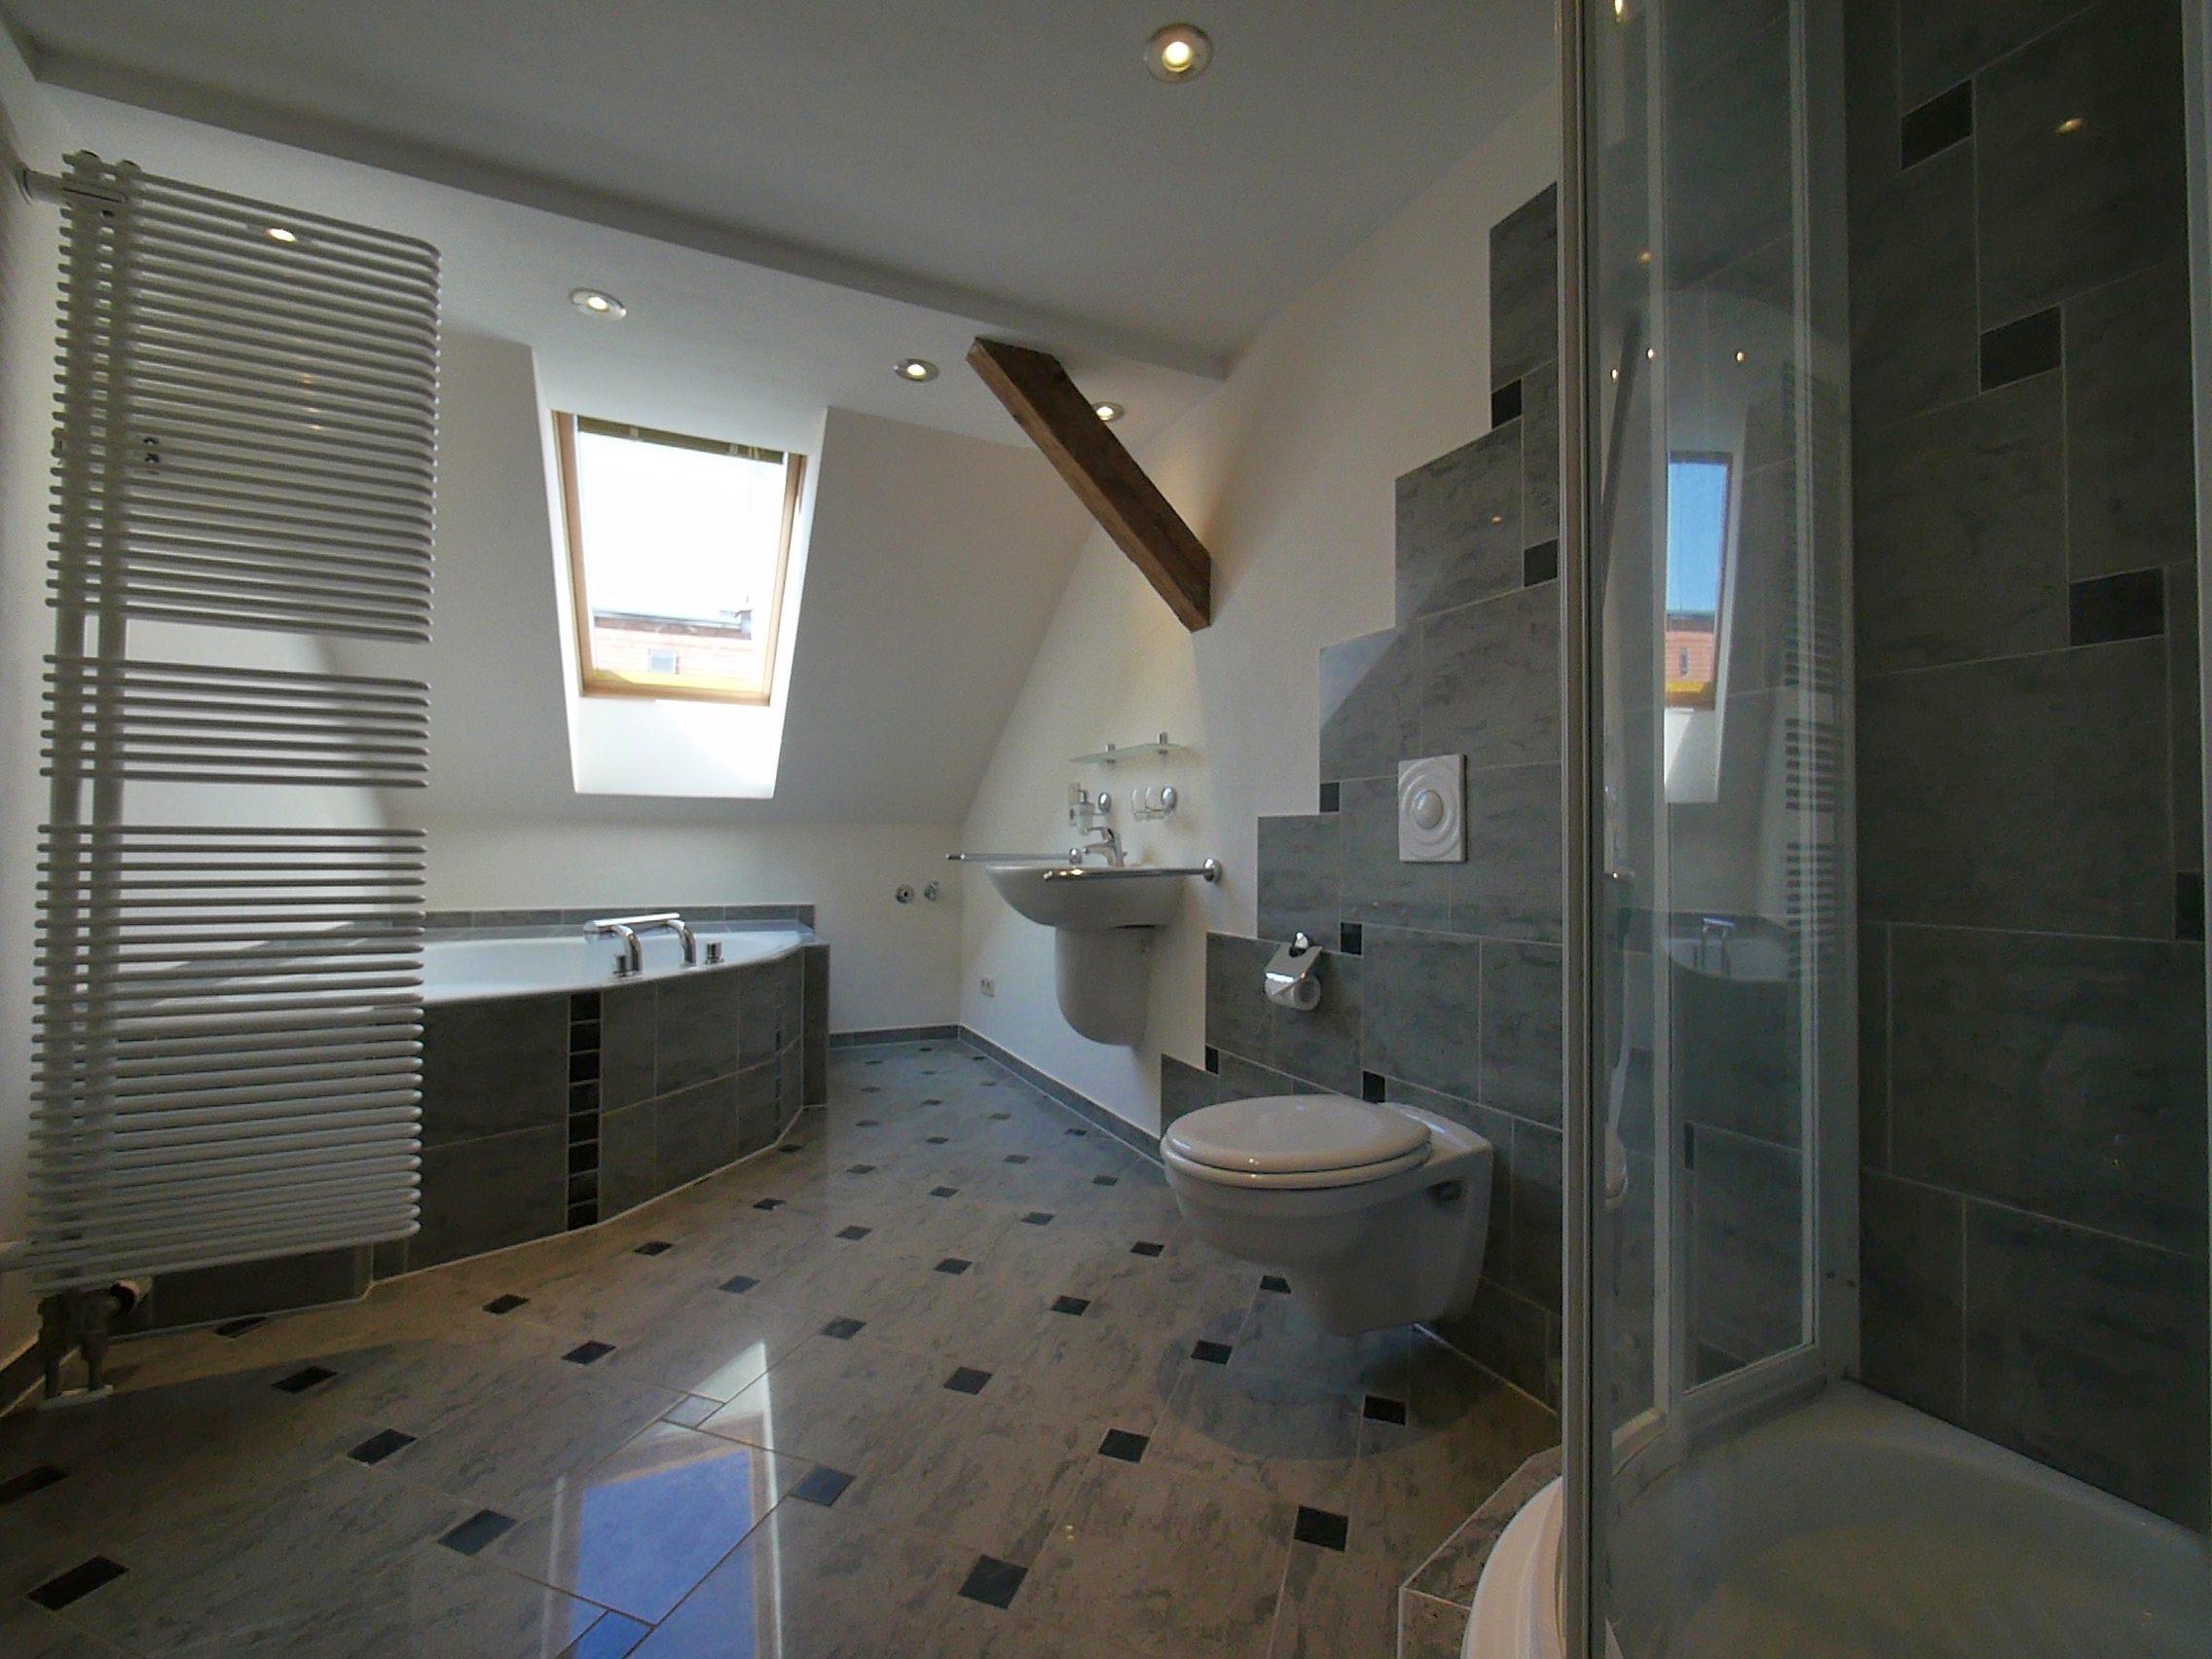 Mietwohnung: Vermietung von 2-Raum-Dachgeschosswohnung in Görlitz, Emmerichstraße 15